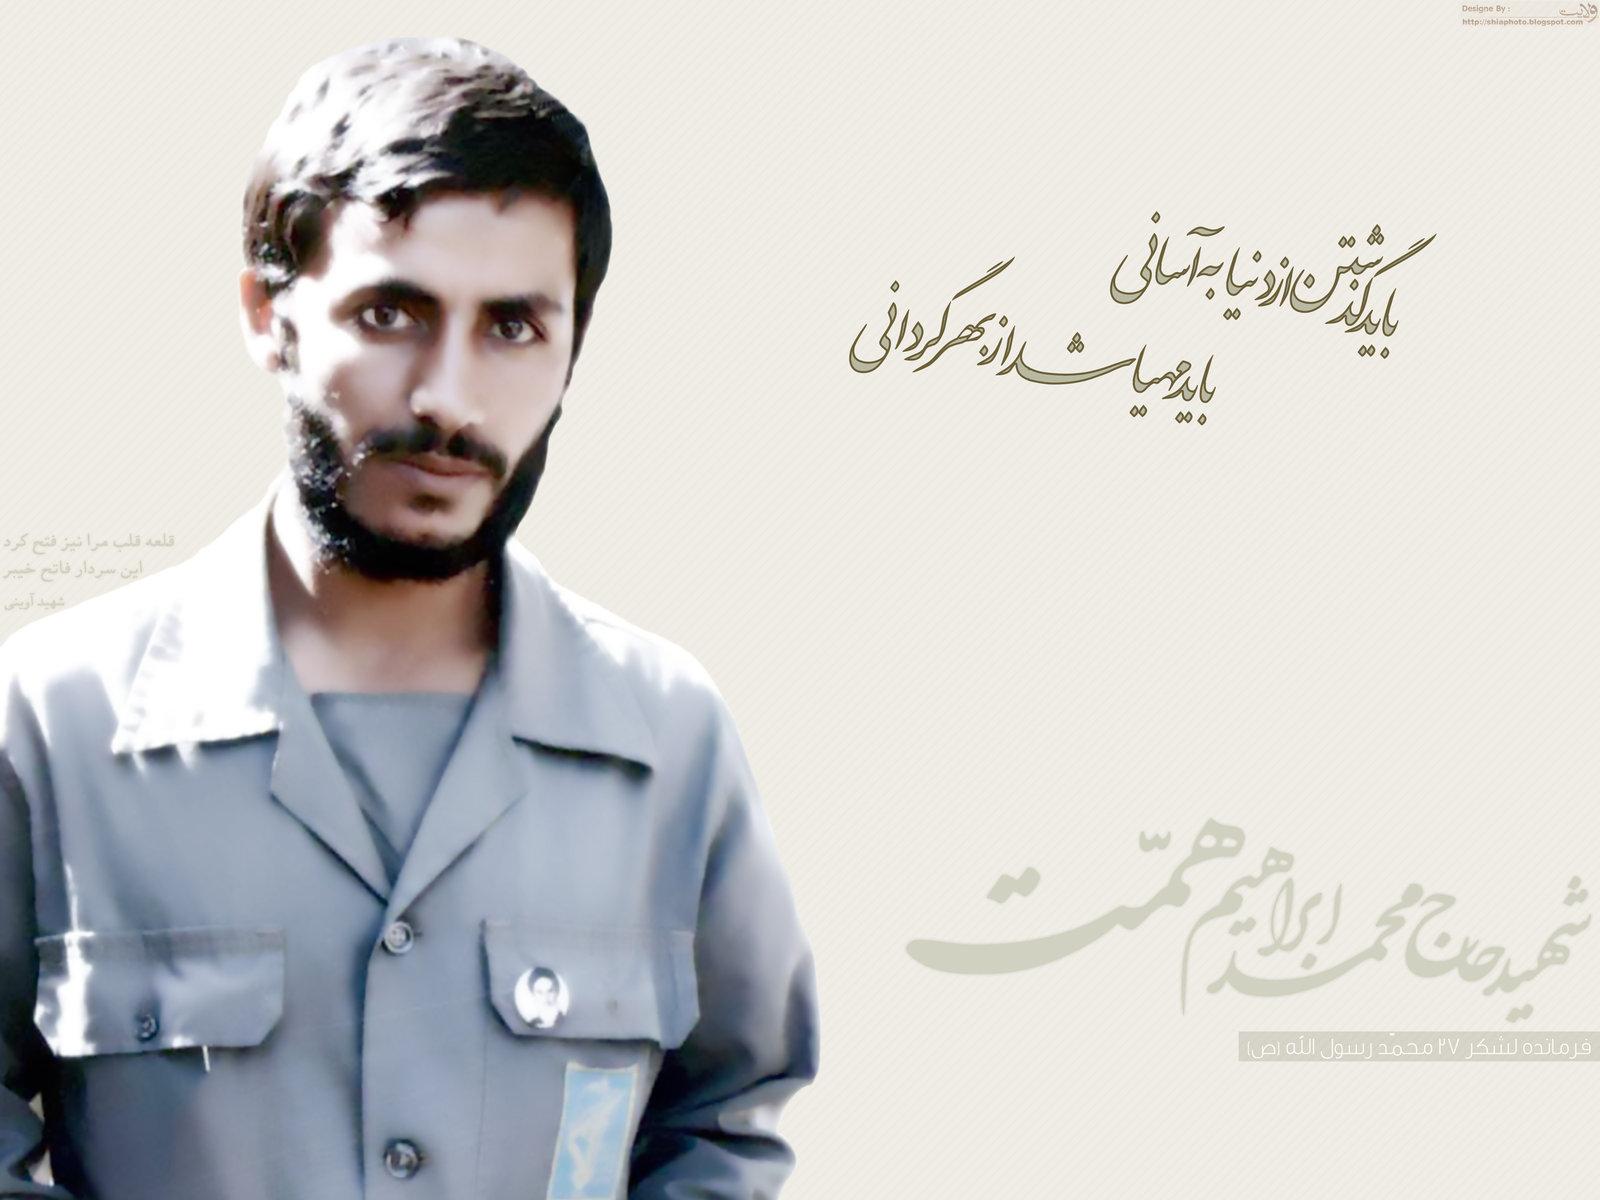 http://s1.picofile.com/file/7310309030/shahid_haj_ebrahim_hemmat.jpg